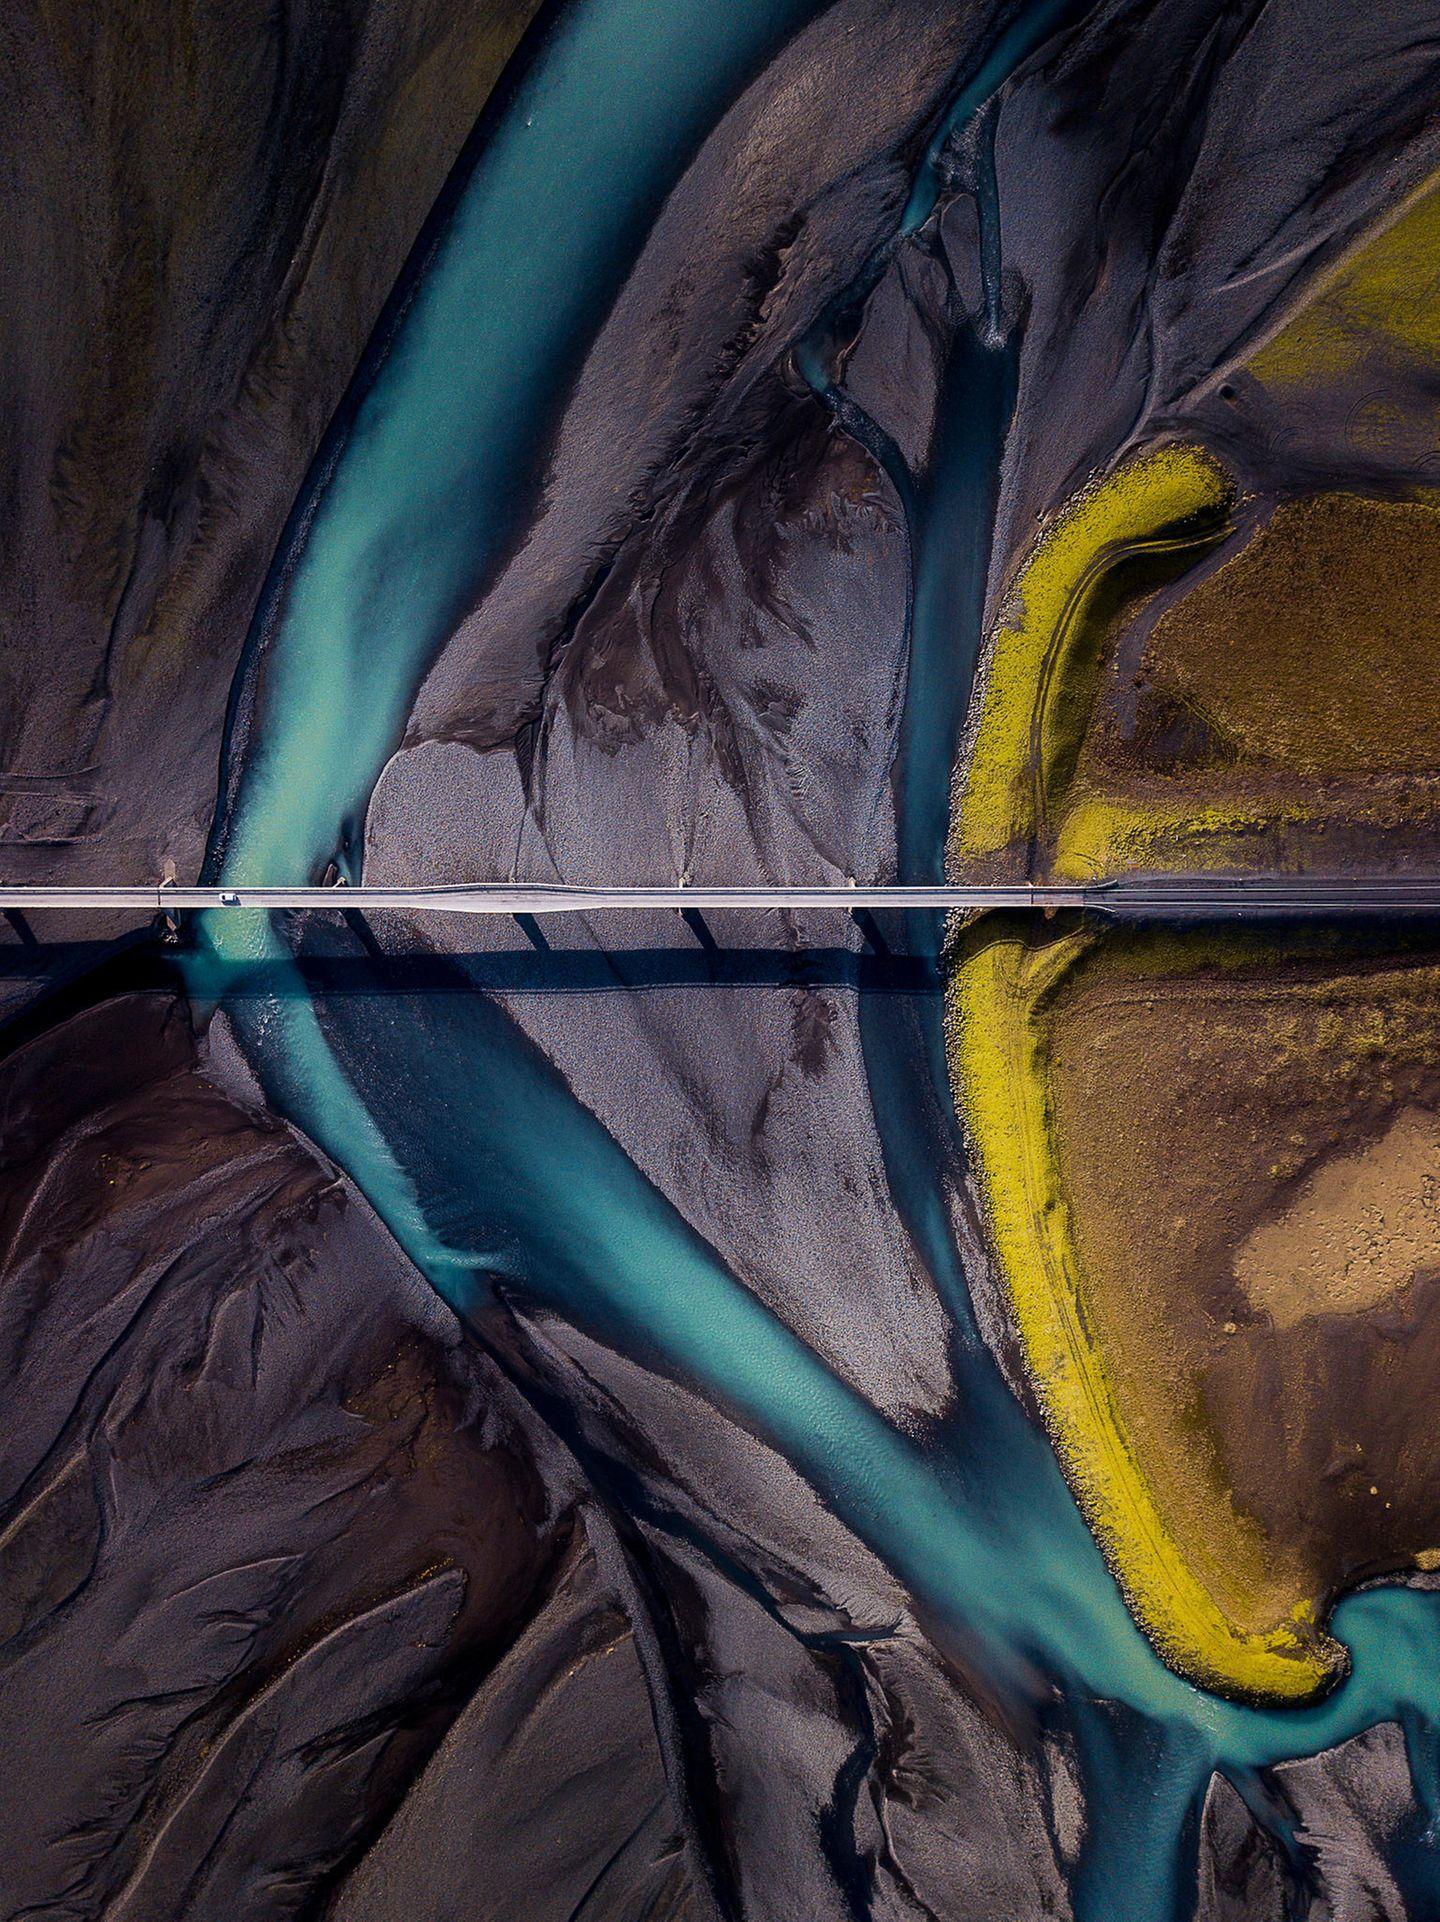 ILPOTY 2020: Berge und Fluss von oben